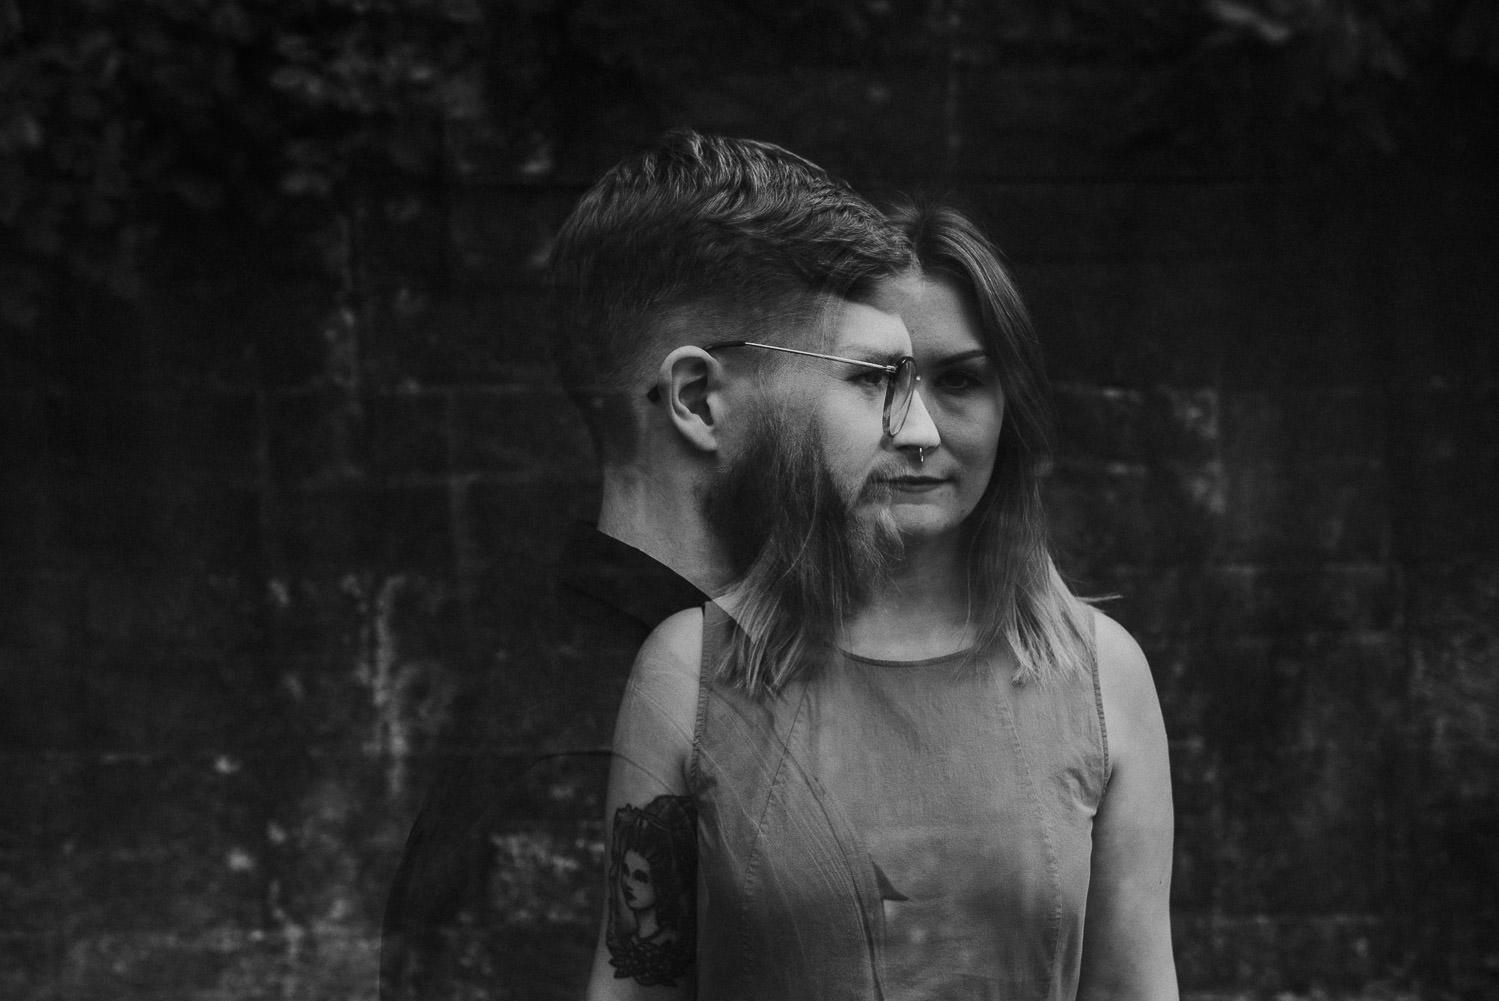 couple double exposure in monochrome